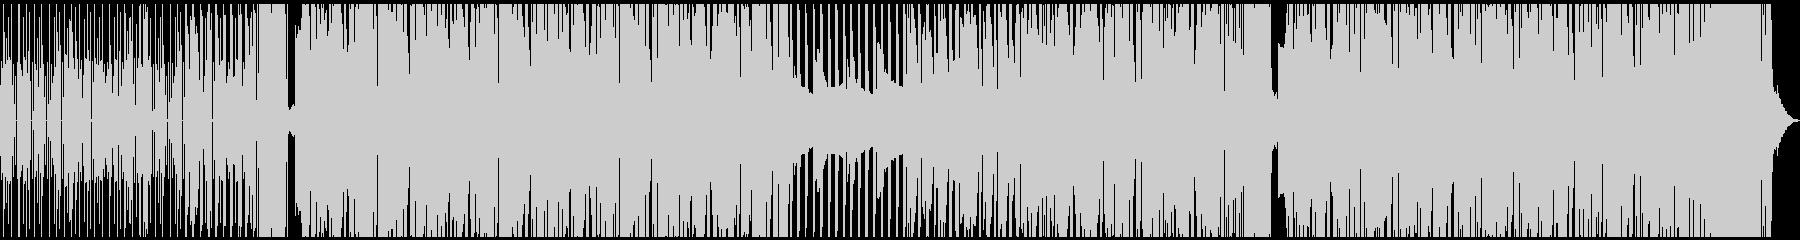 疾走感のあるシンプルなドラムンベースの未再生の波形